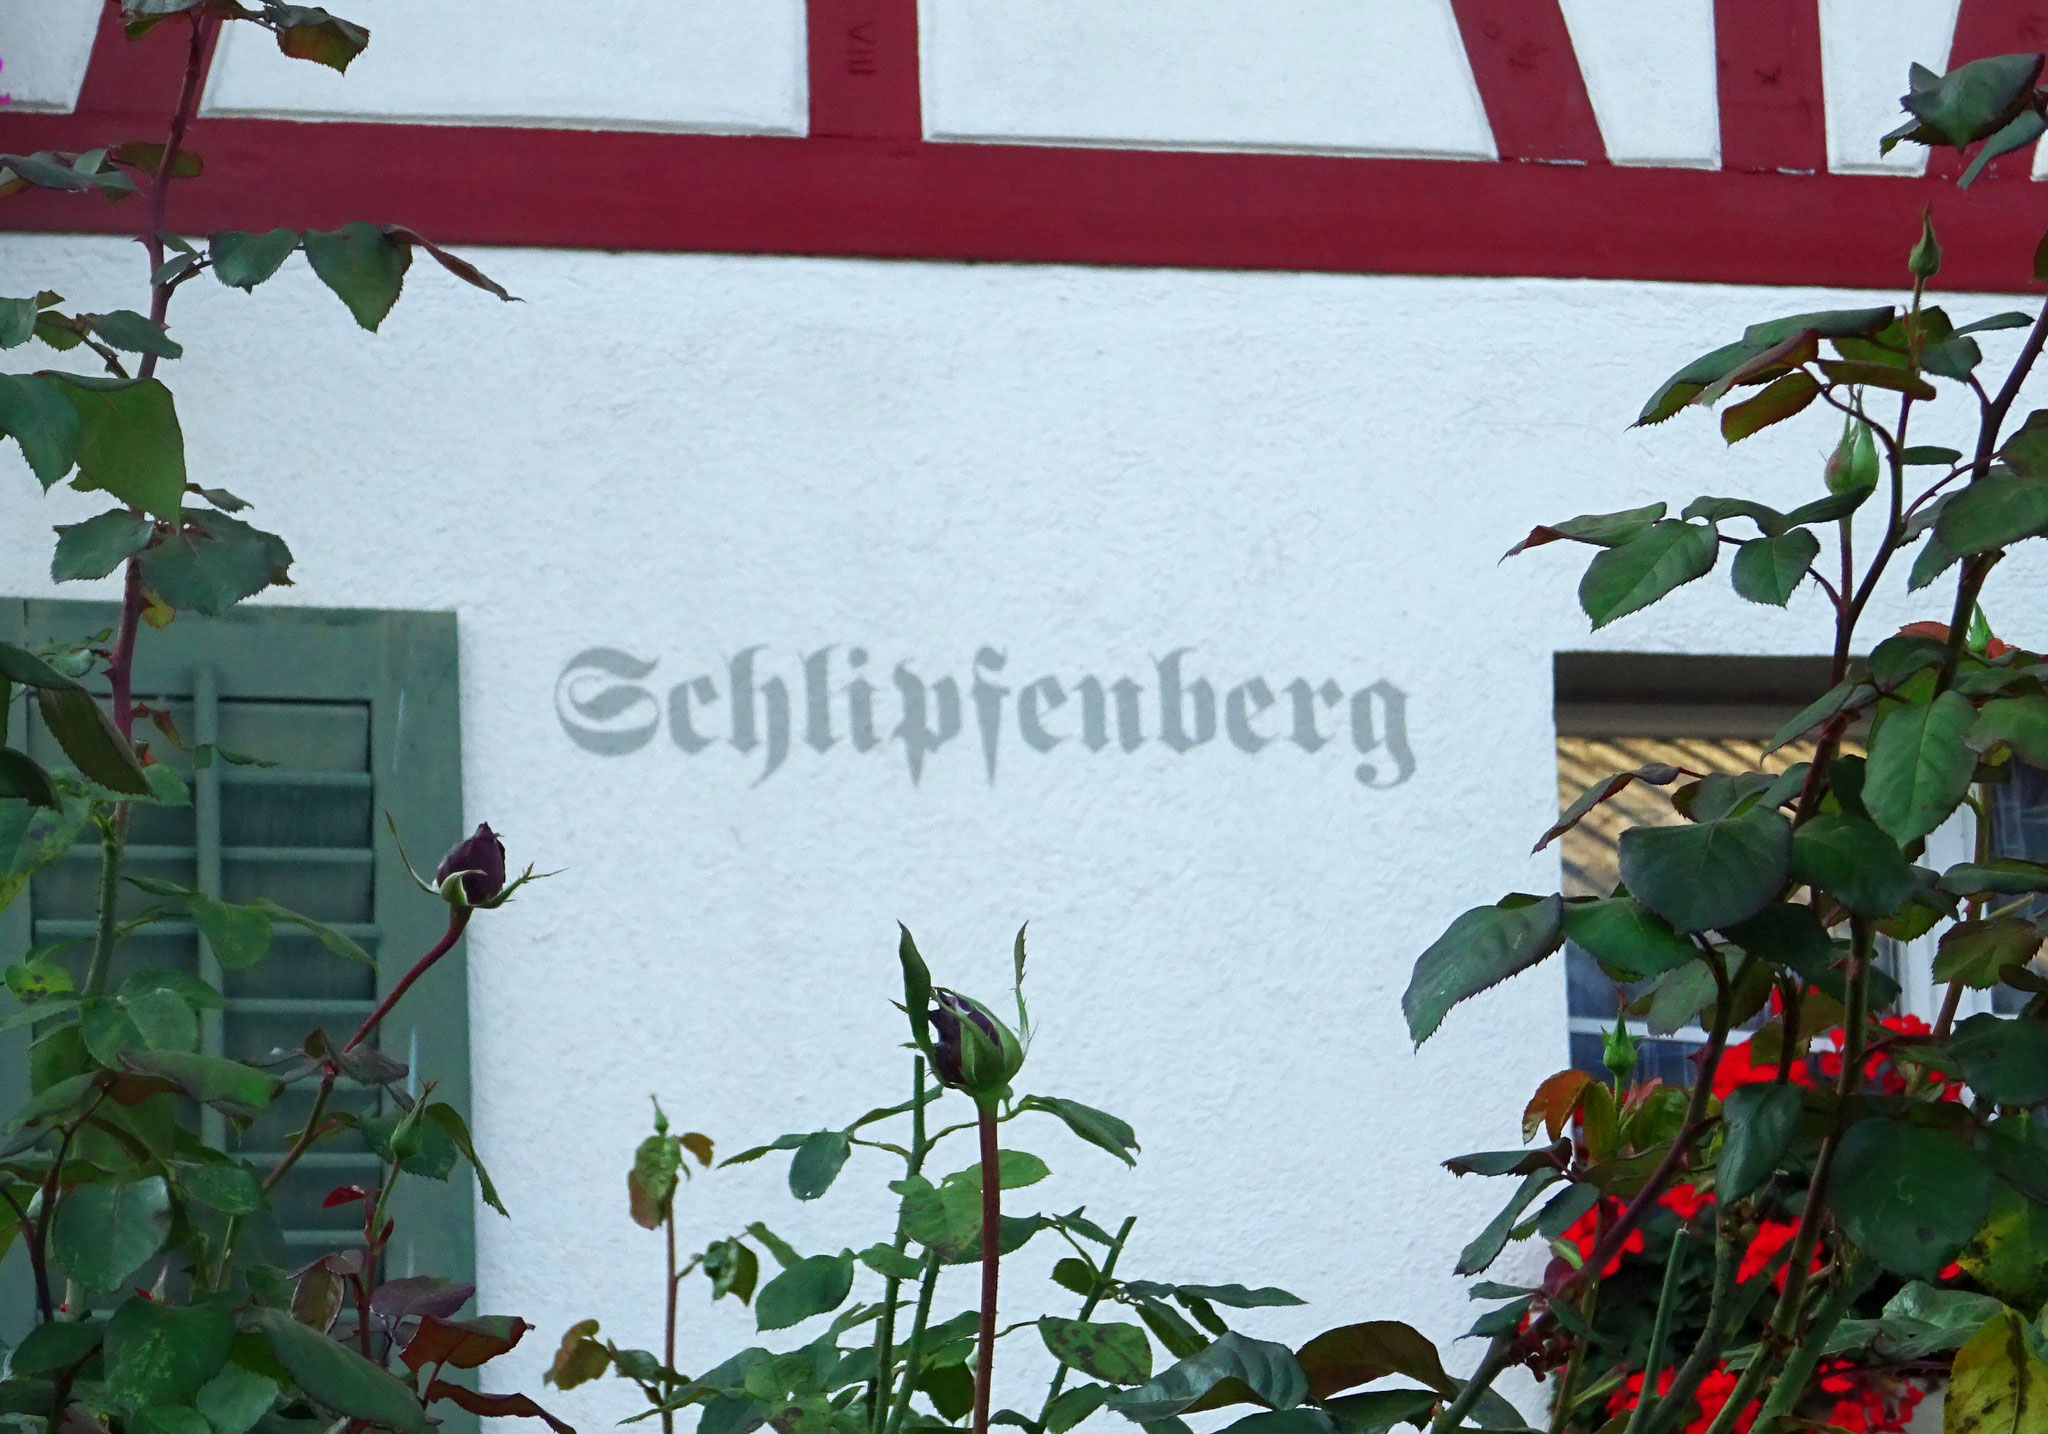 auf der Schlipfenberg wohnte Margaretha Rümmel, die letzte im Thurgau zum Tode verurteilte Frau